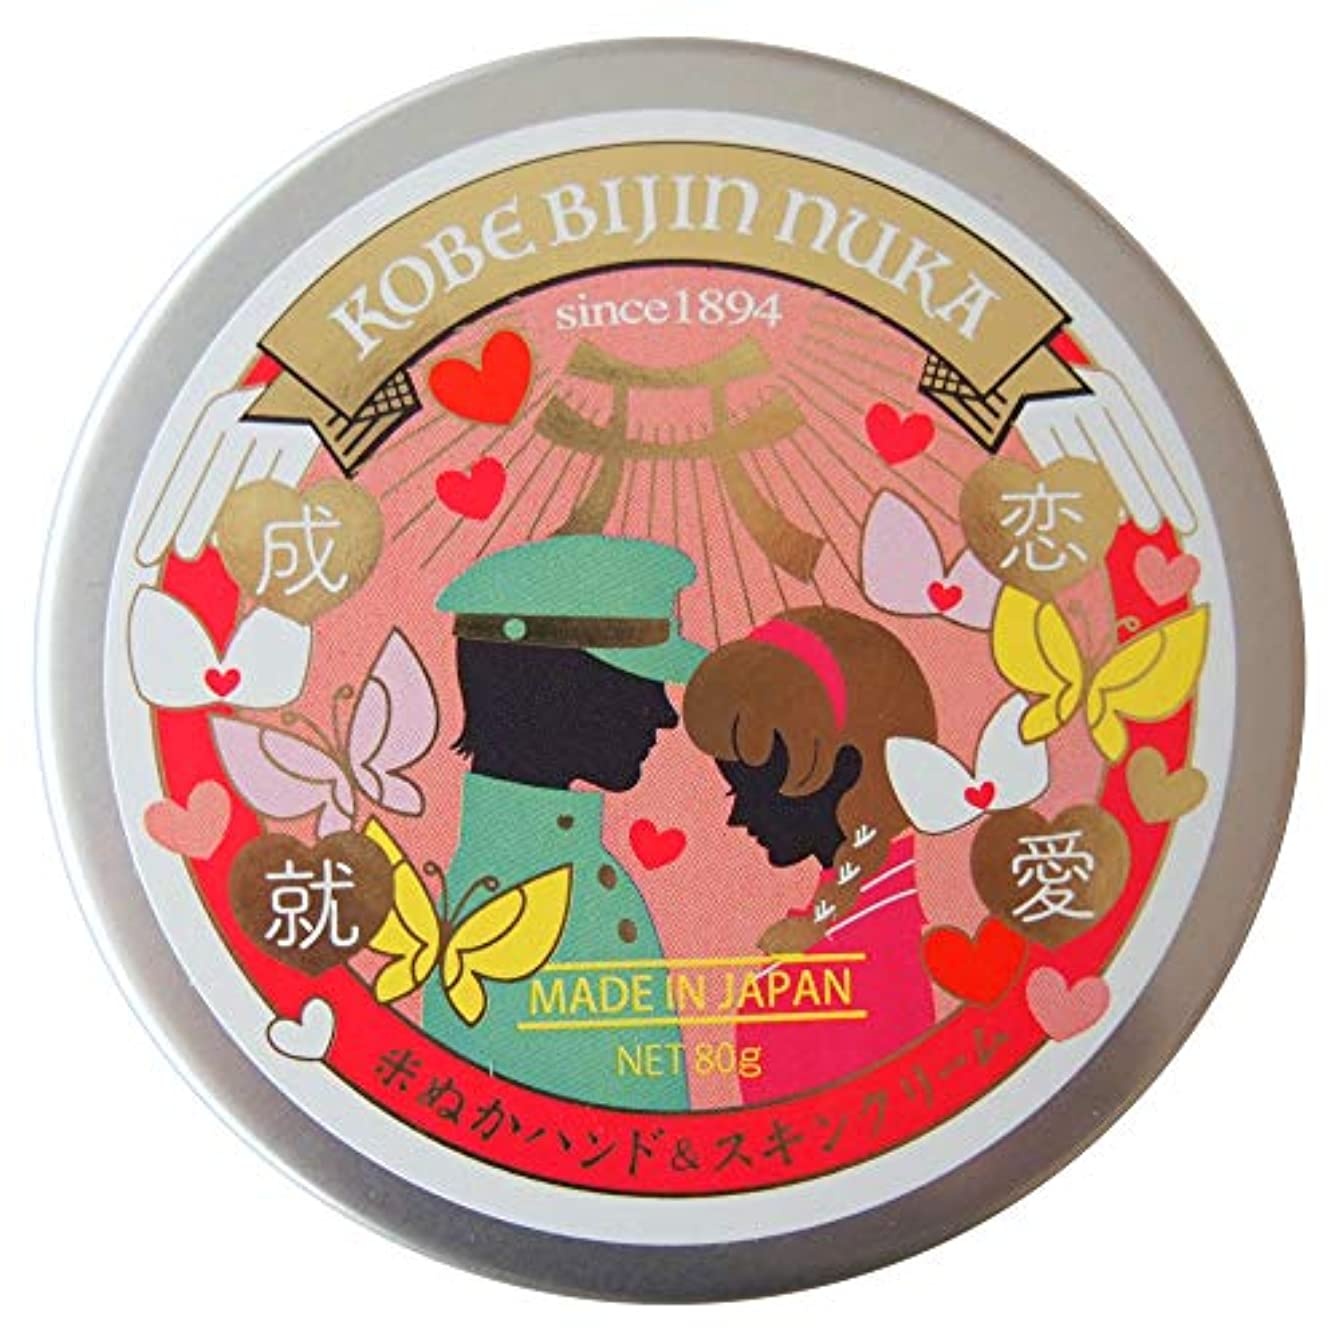 頼む統計的読書をする神戸美人ぬか 米ぬかハンド&スキンクリーム(恋愛成就)【キュートフローラルの香り】 80g